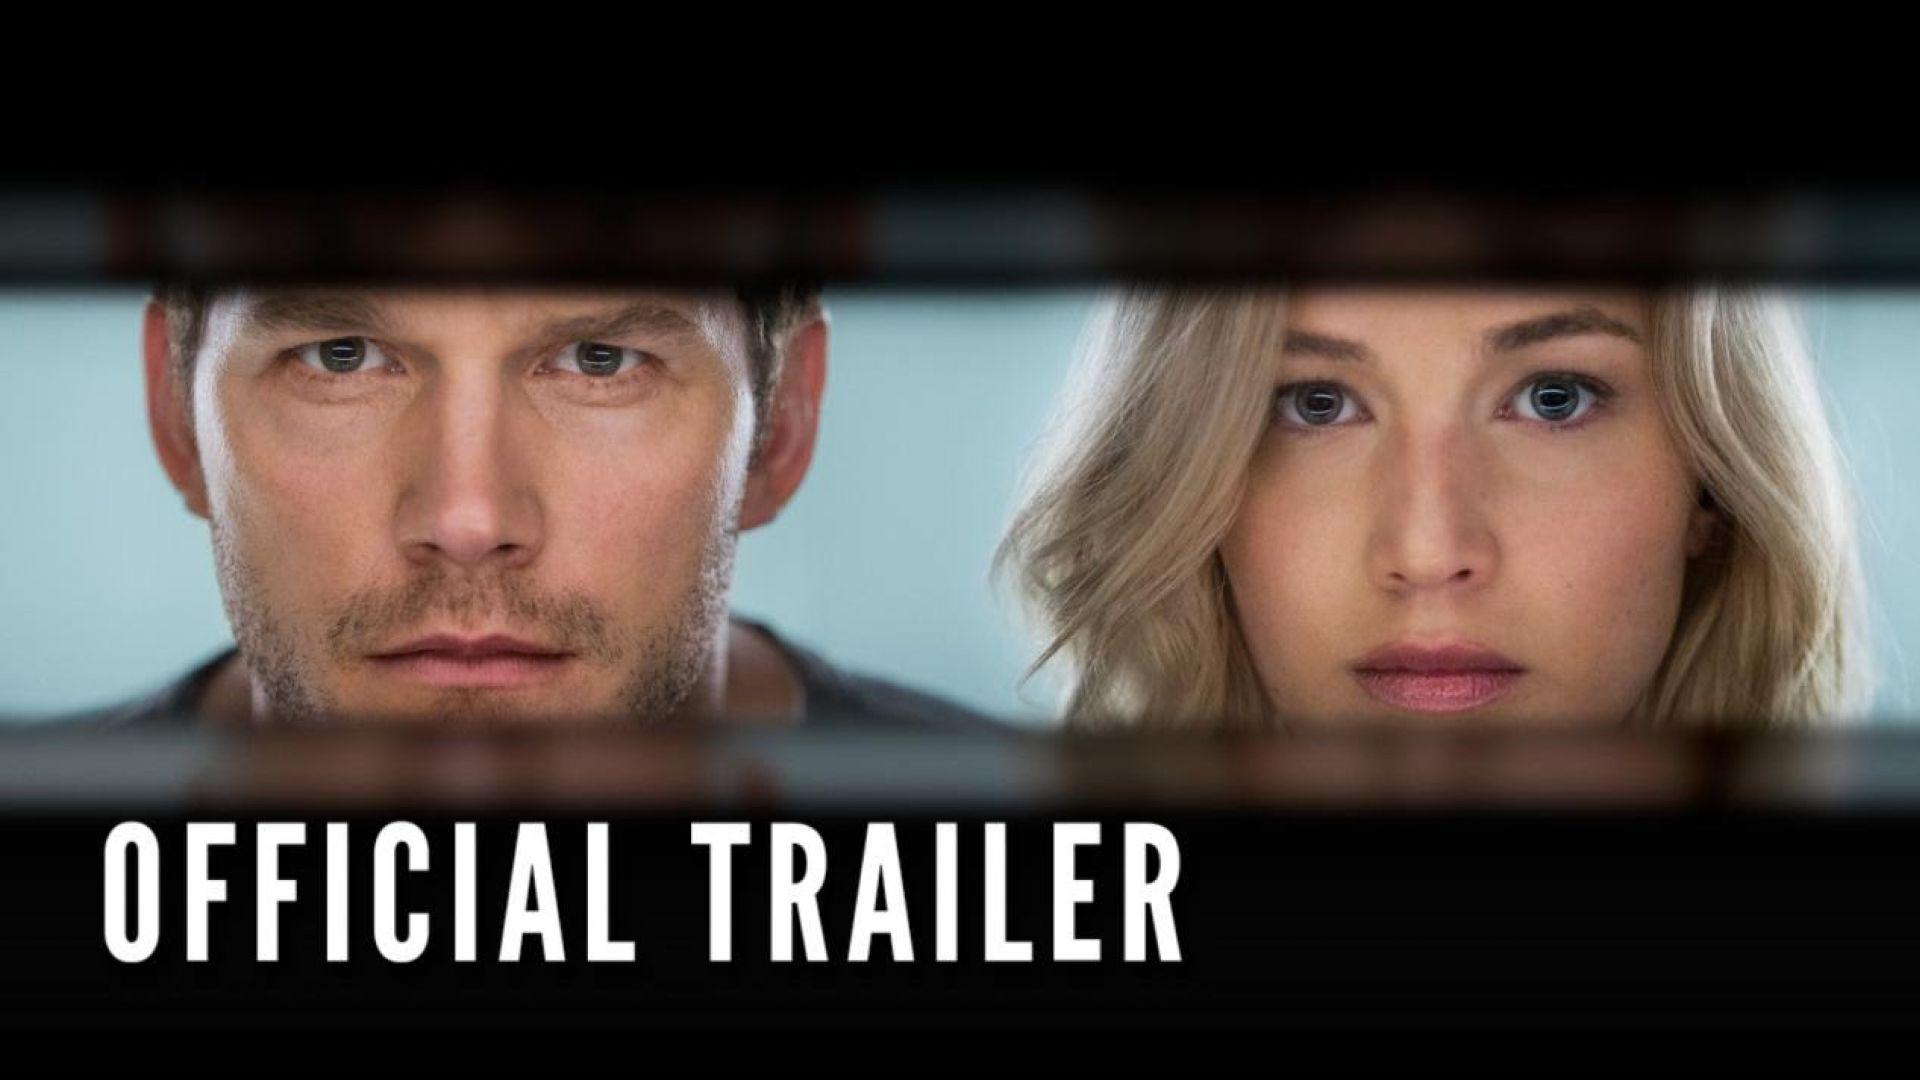 Here's the full trailer of Jennifer Lawrence and Chris Pratt